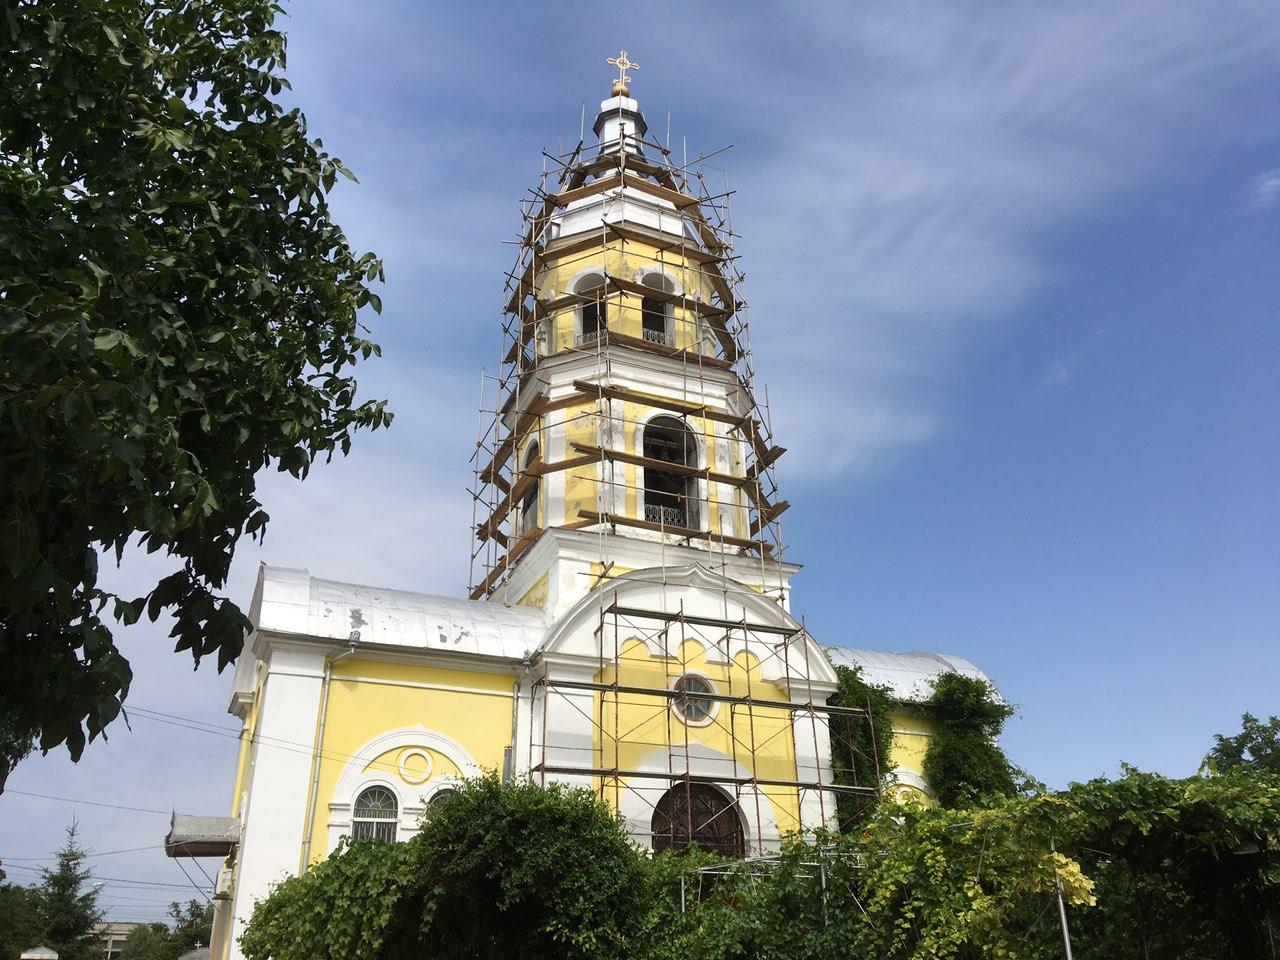 (ФОТО) В Кафедральном соборе мун. Комрат началась реставрация колокольни